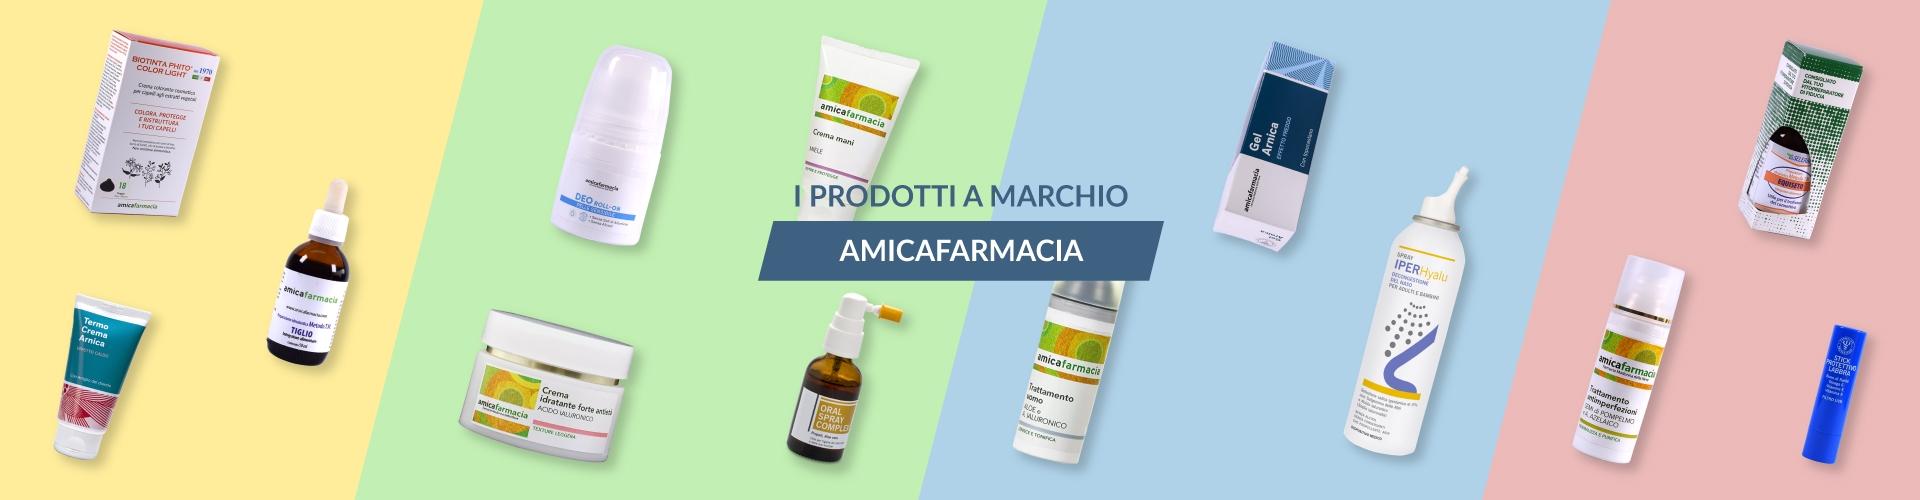 Linea Amicafarmacia